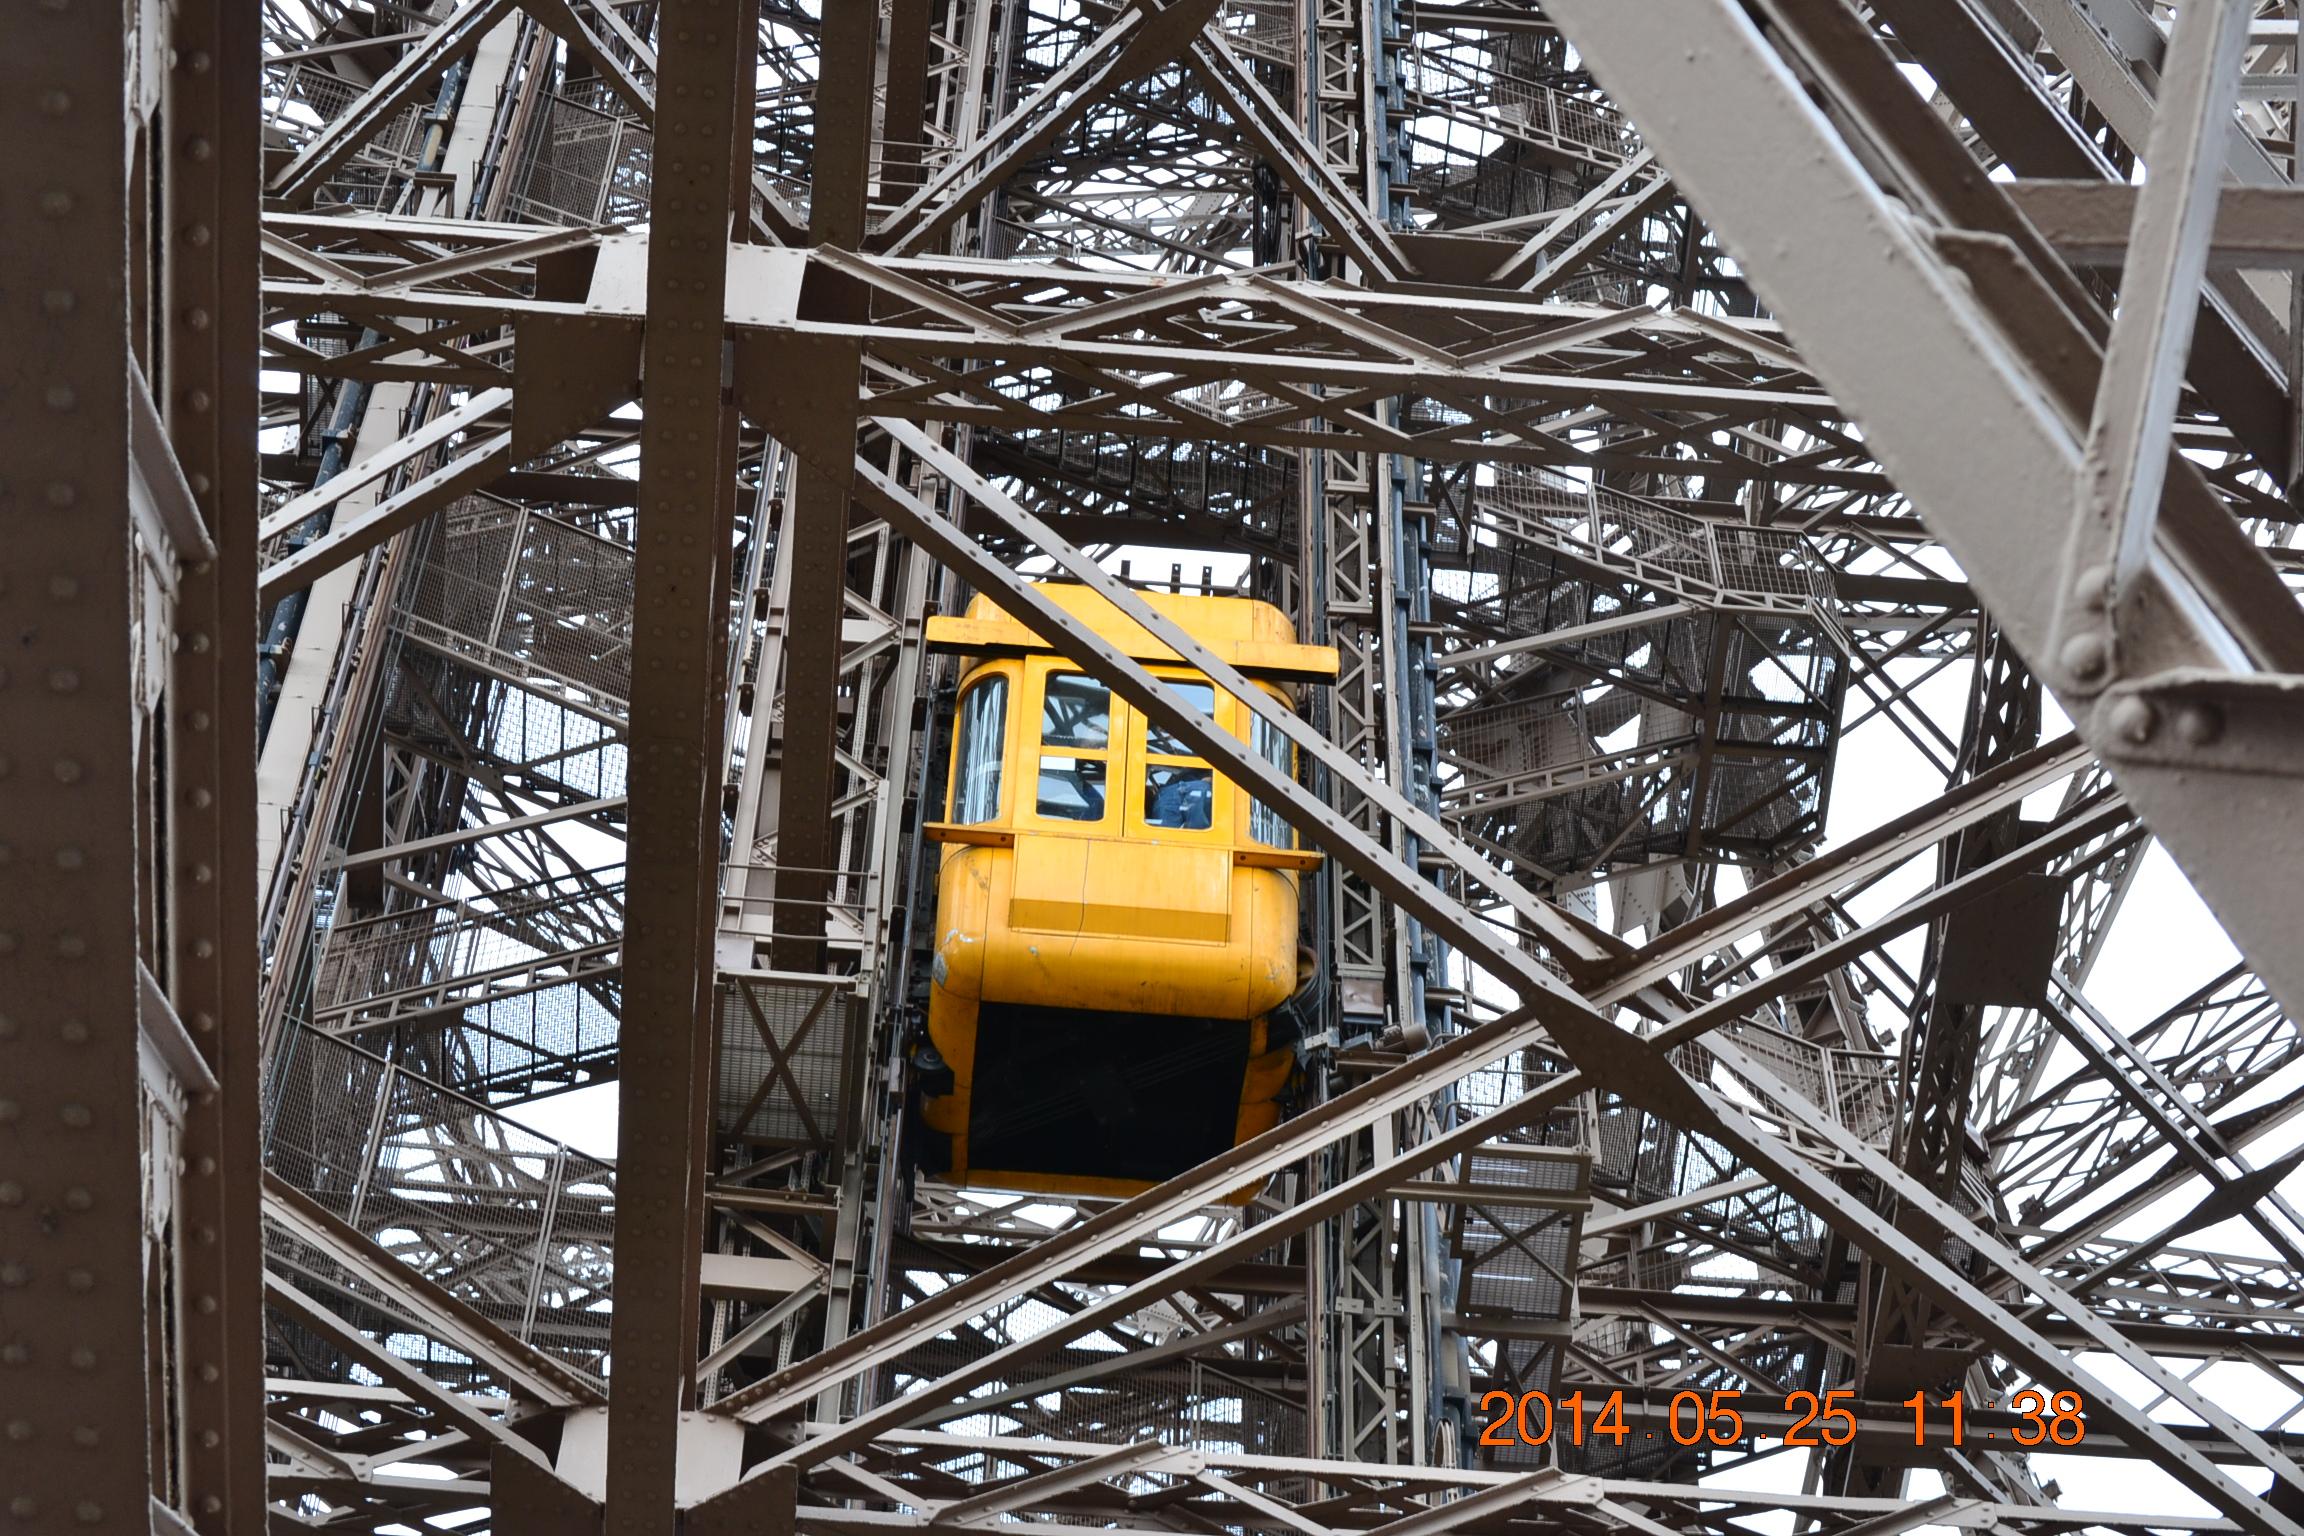 埃菲尔铁塔,巴黎埃菲尔铁塔攻略/地址/图片/门票